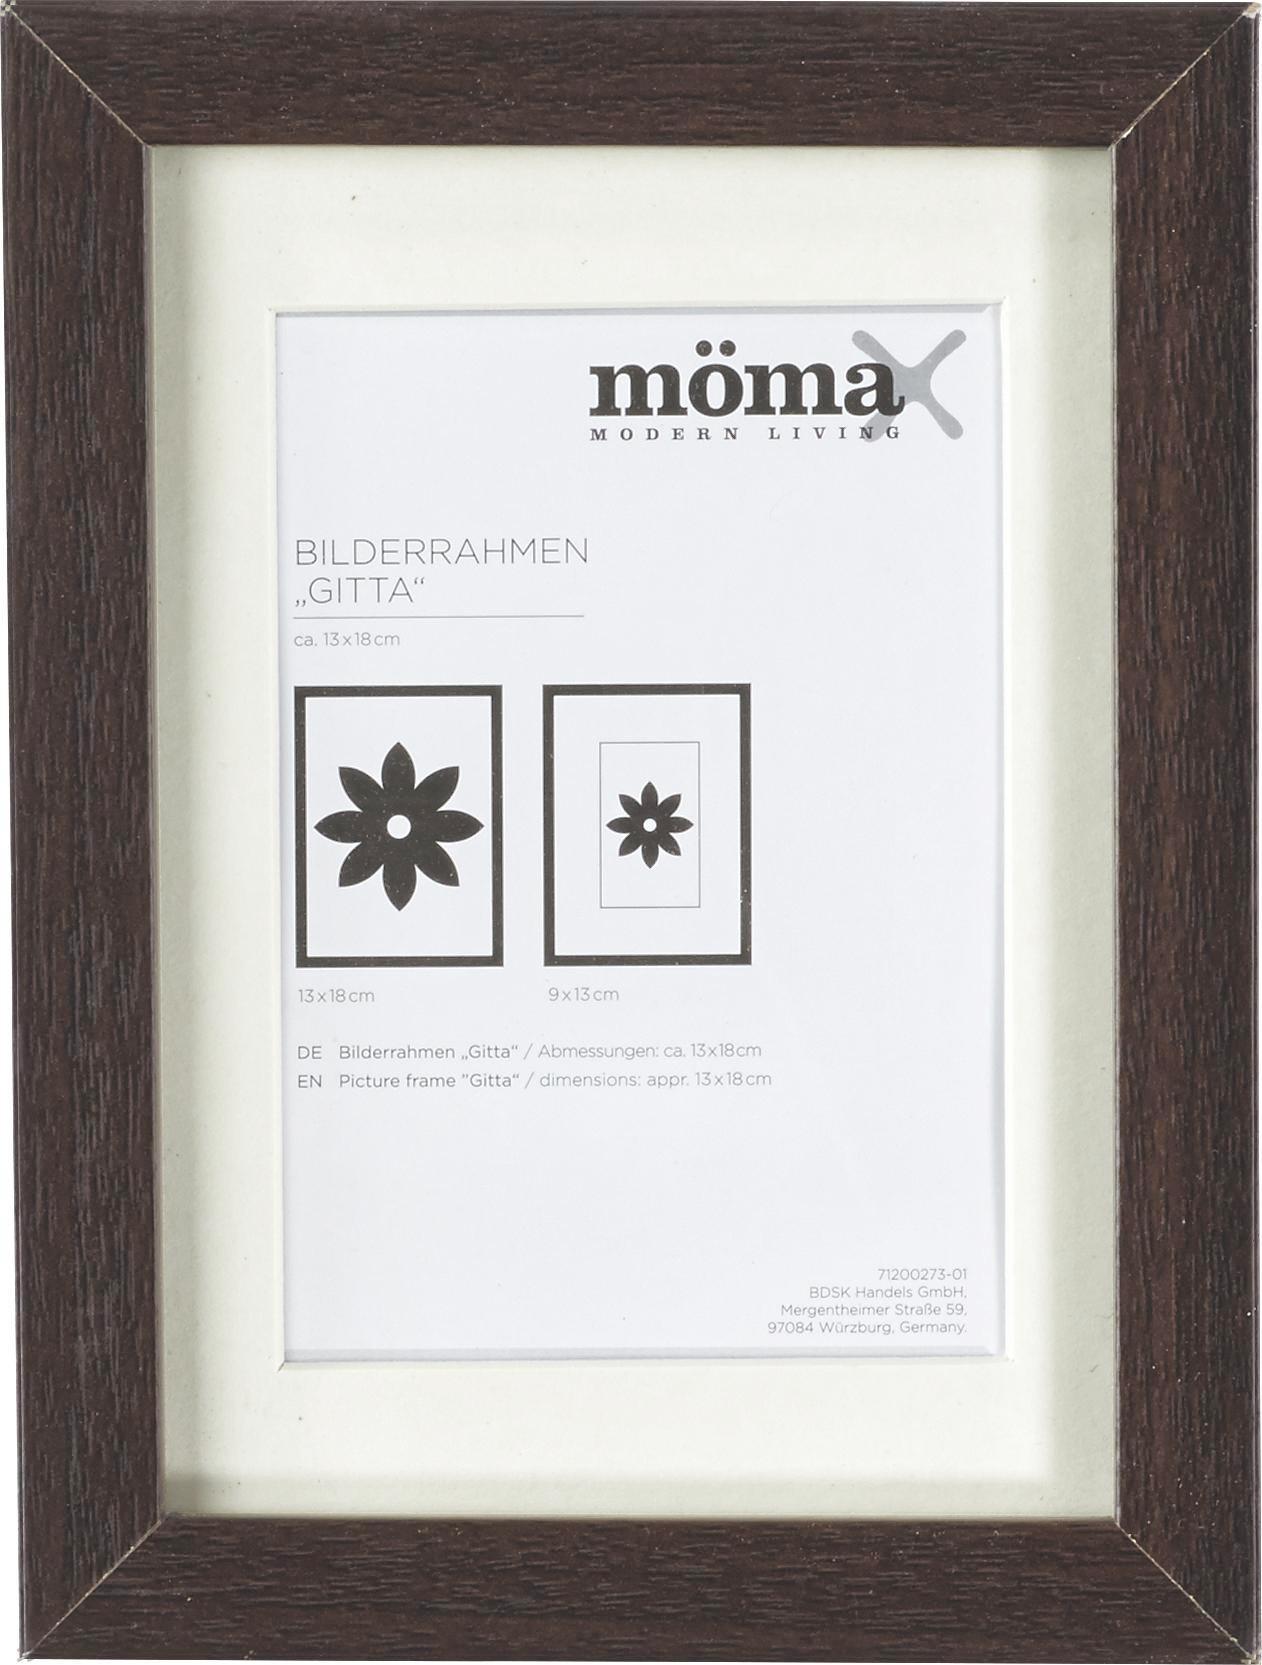 Bilderrahmen Gitta, ca. 13x18cm aus Holz online kaufen ➤ mömax